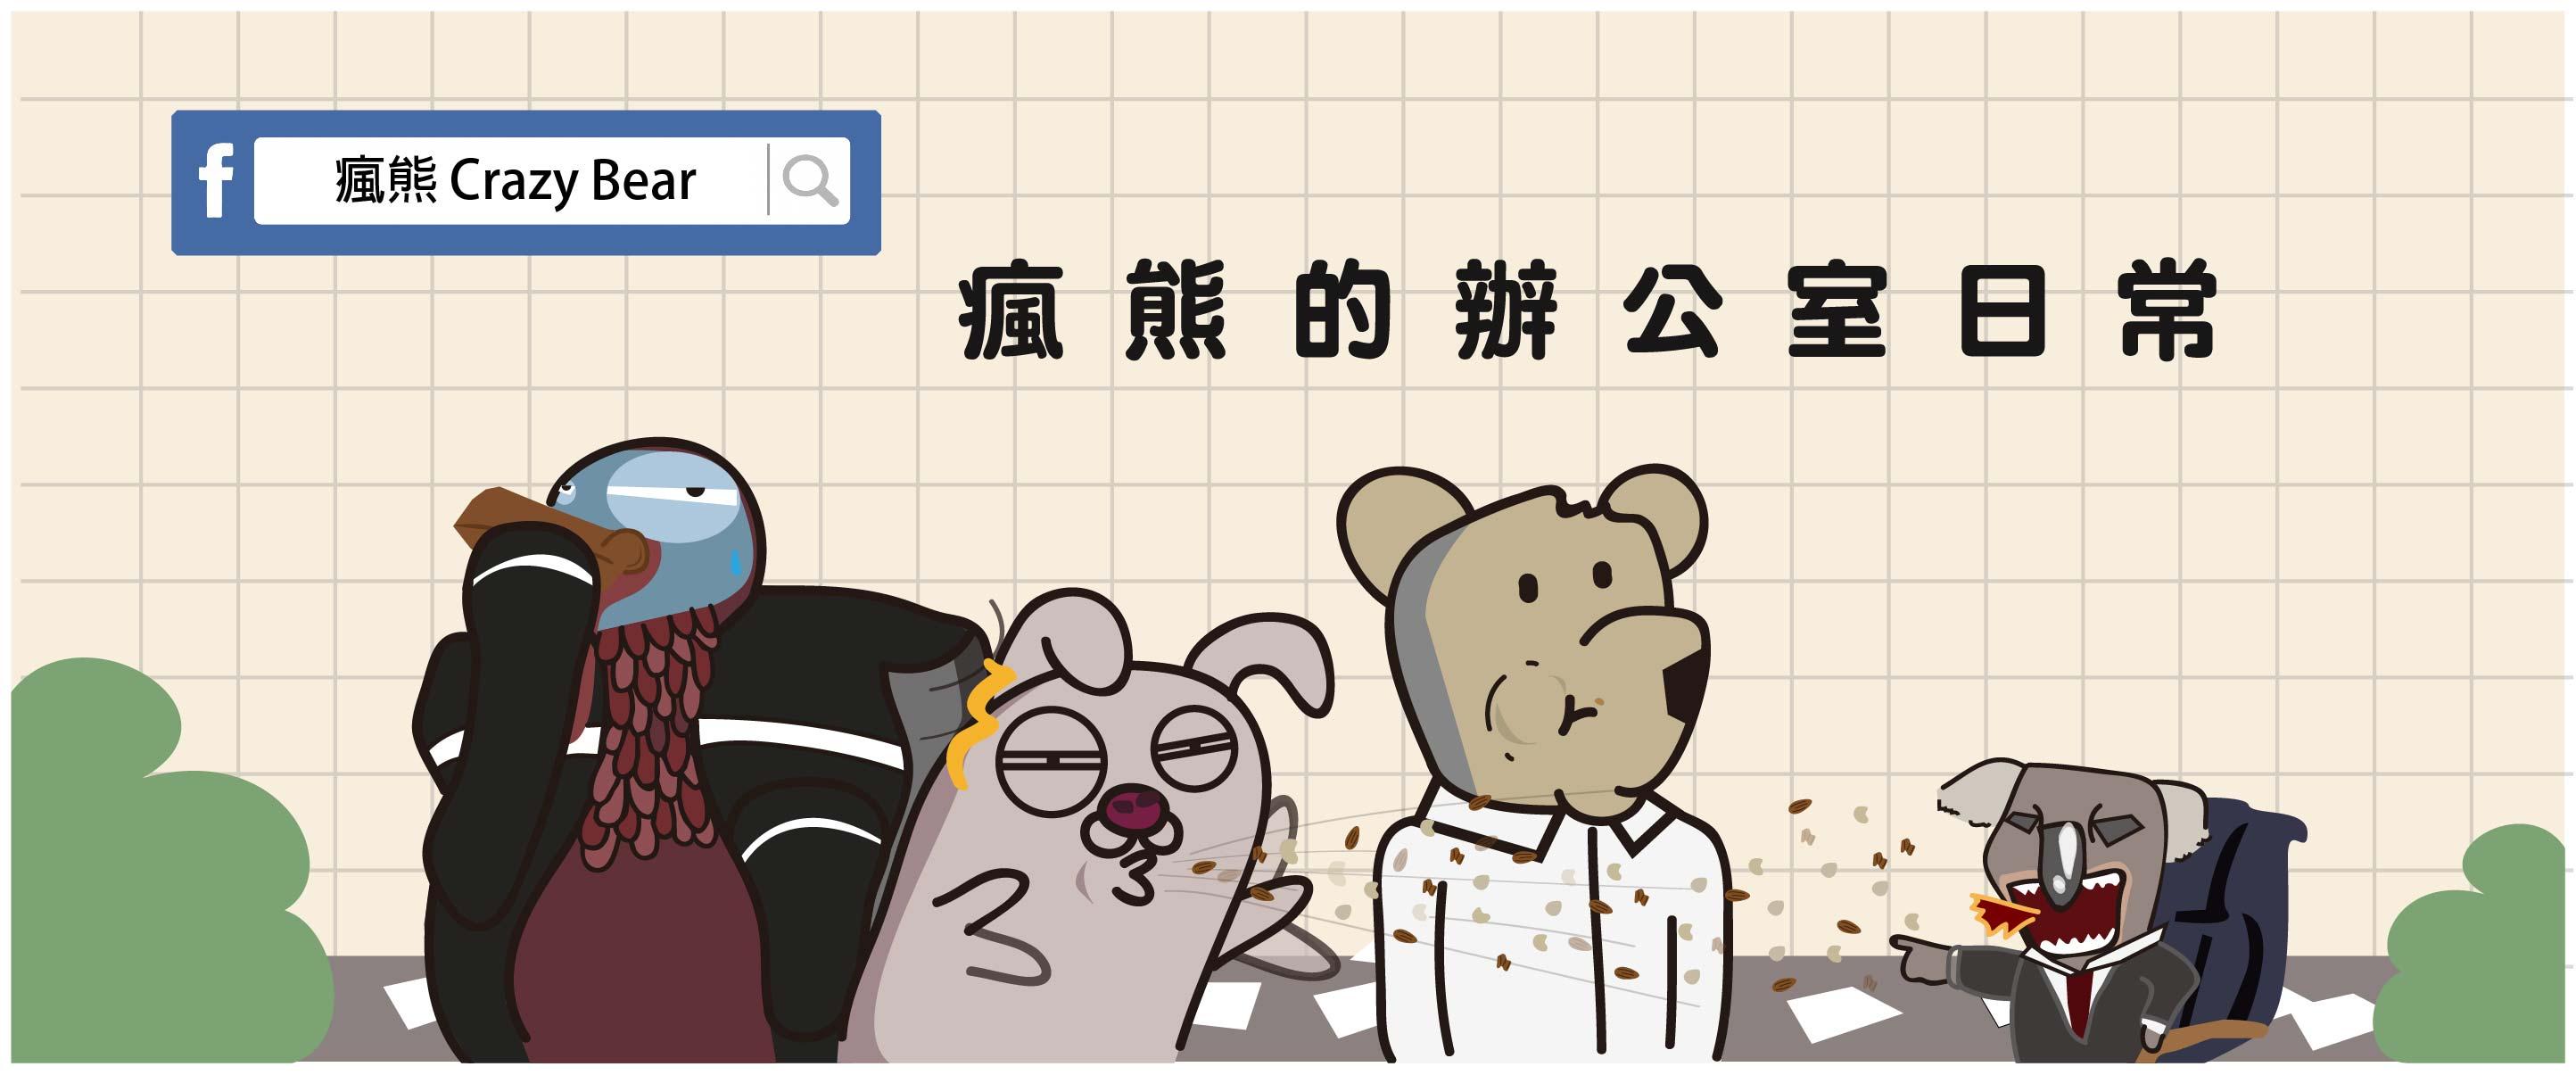 瘋熊FB封面-02.jpg